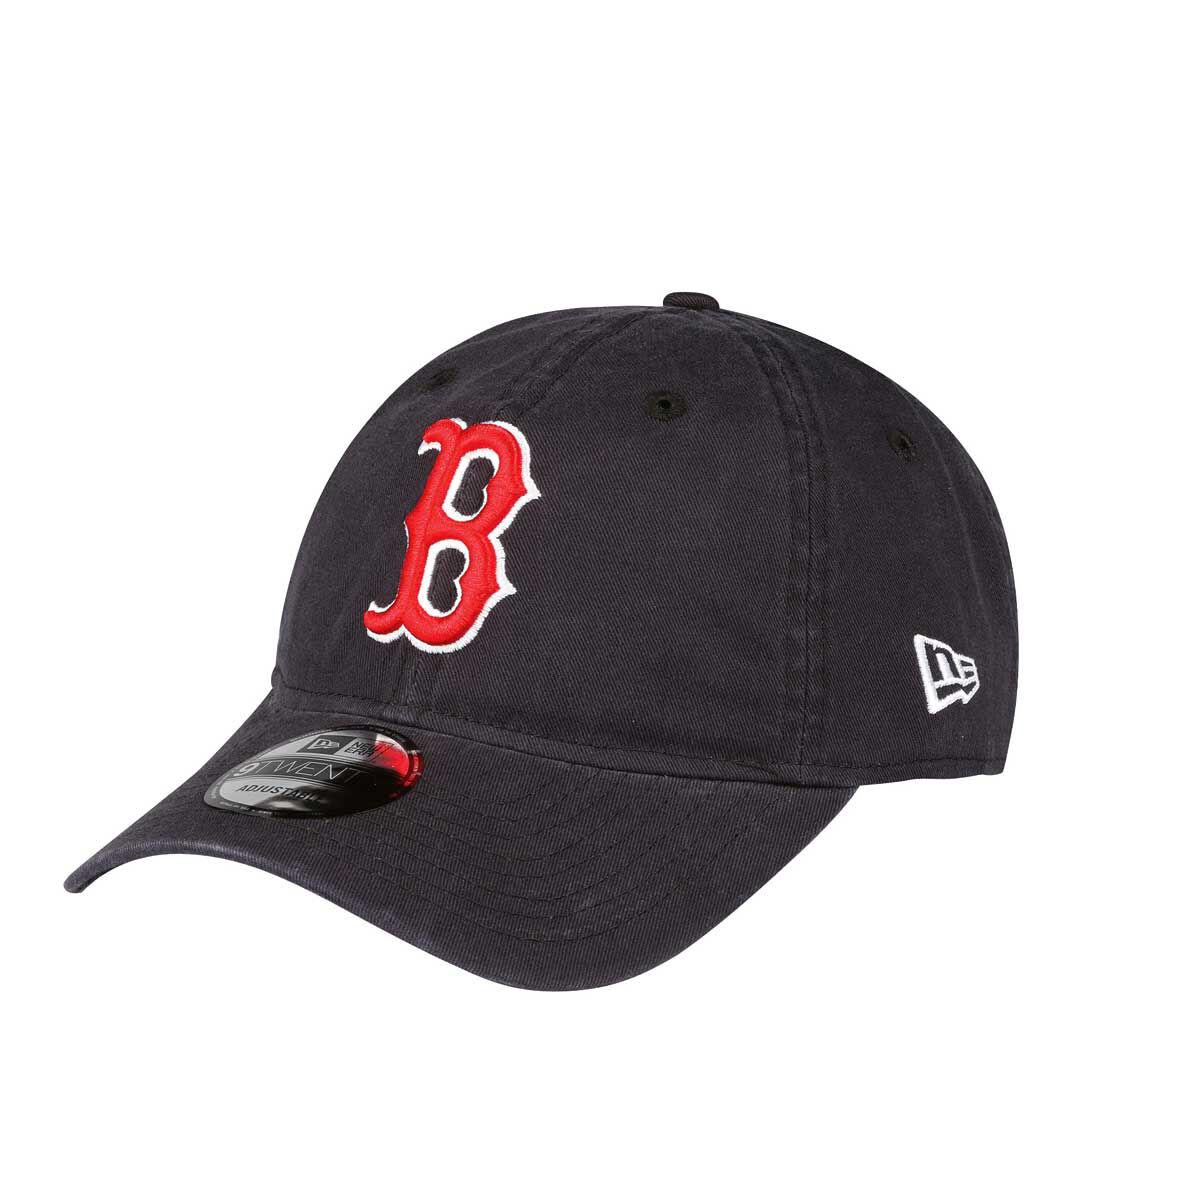 hot sale online 35fd9 73e36 ... coupon for boston red sox new era 9twenty cap rebelhi res 7d920 b6191